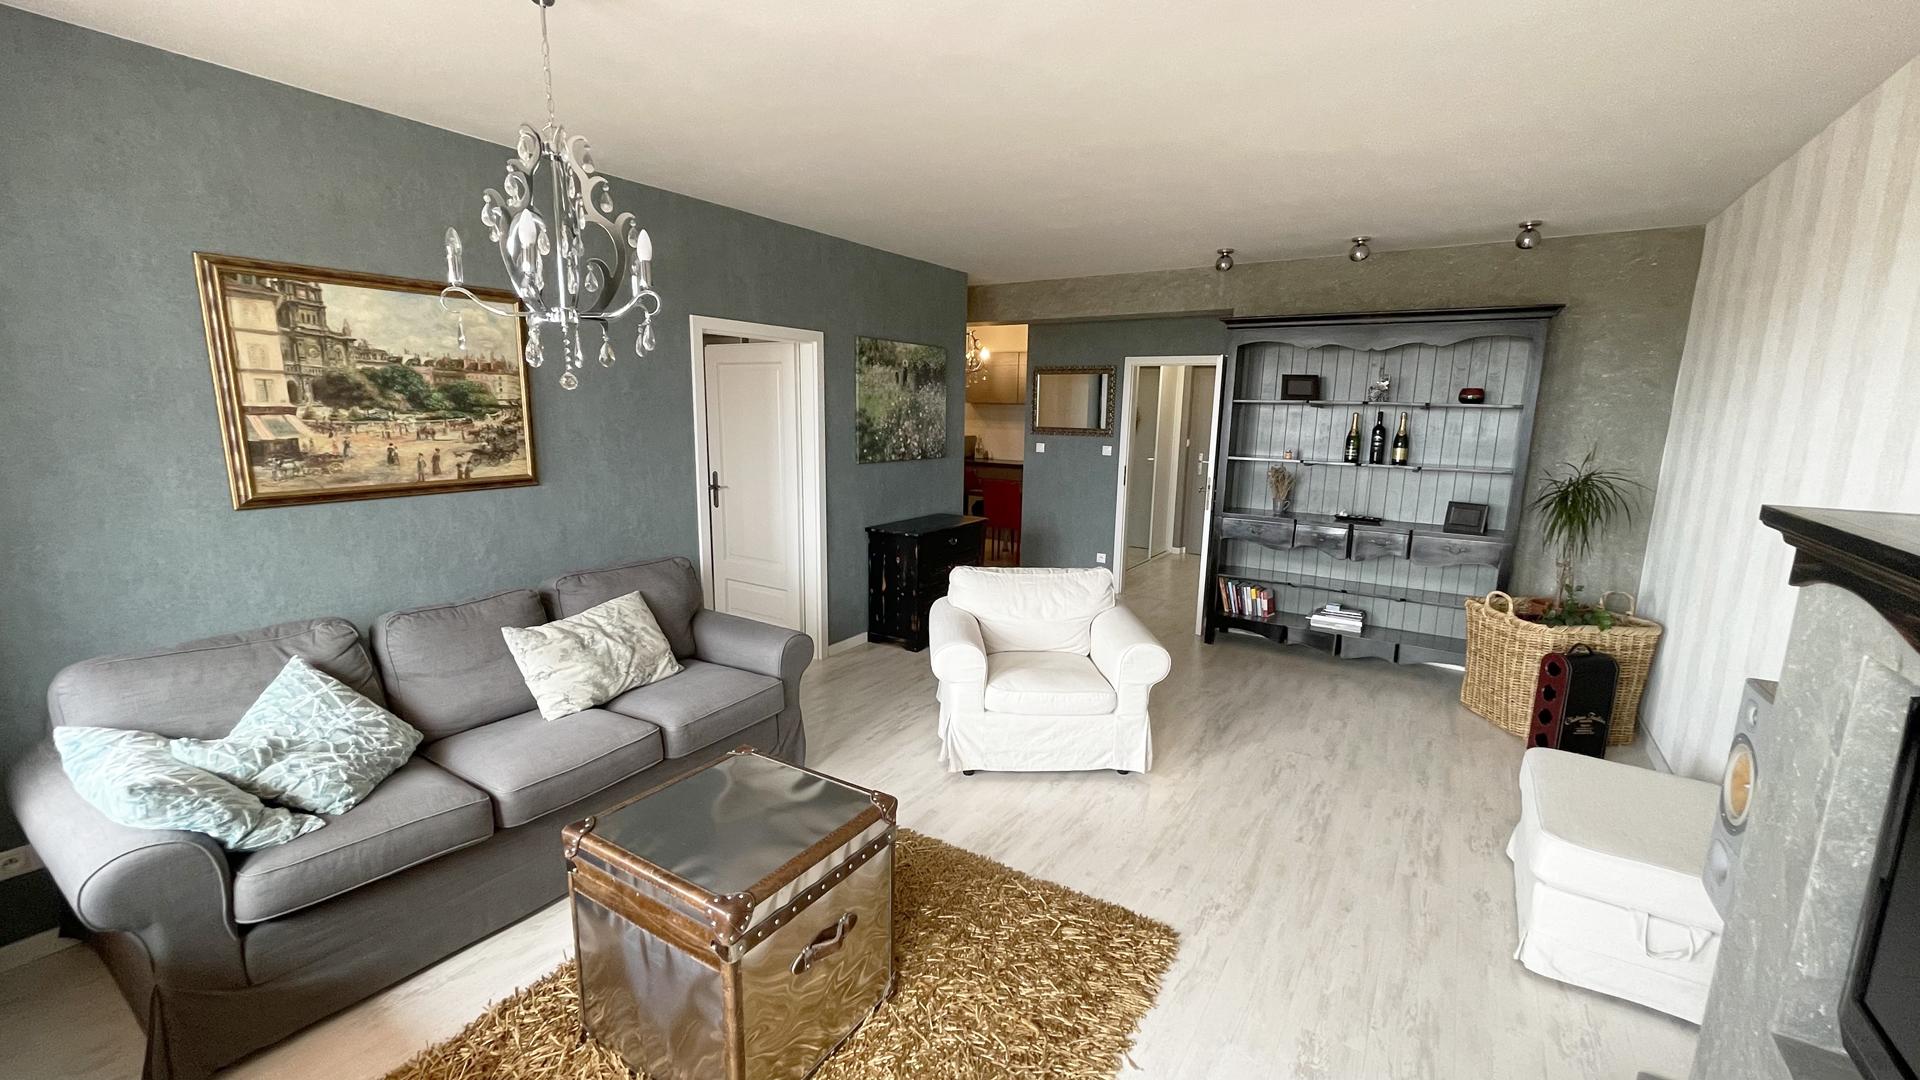 REZERVOVANÉ: 2 izbový byt na predaj, Bratislava Petržalka, Vyšehradská ulica